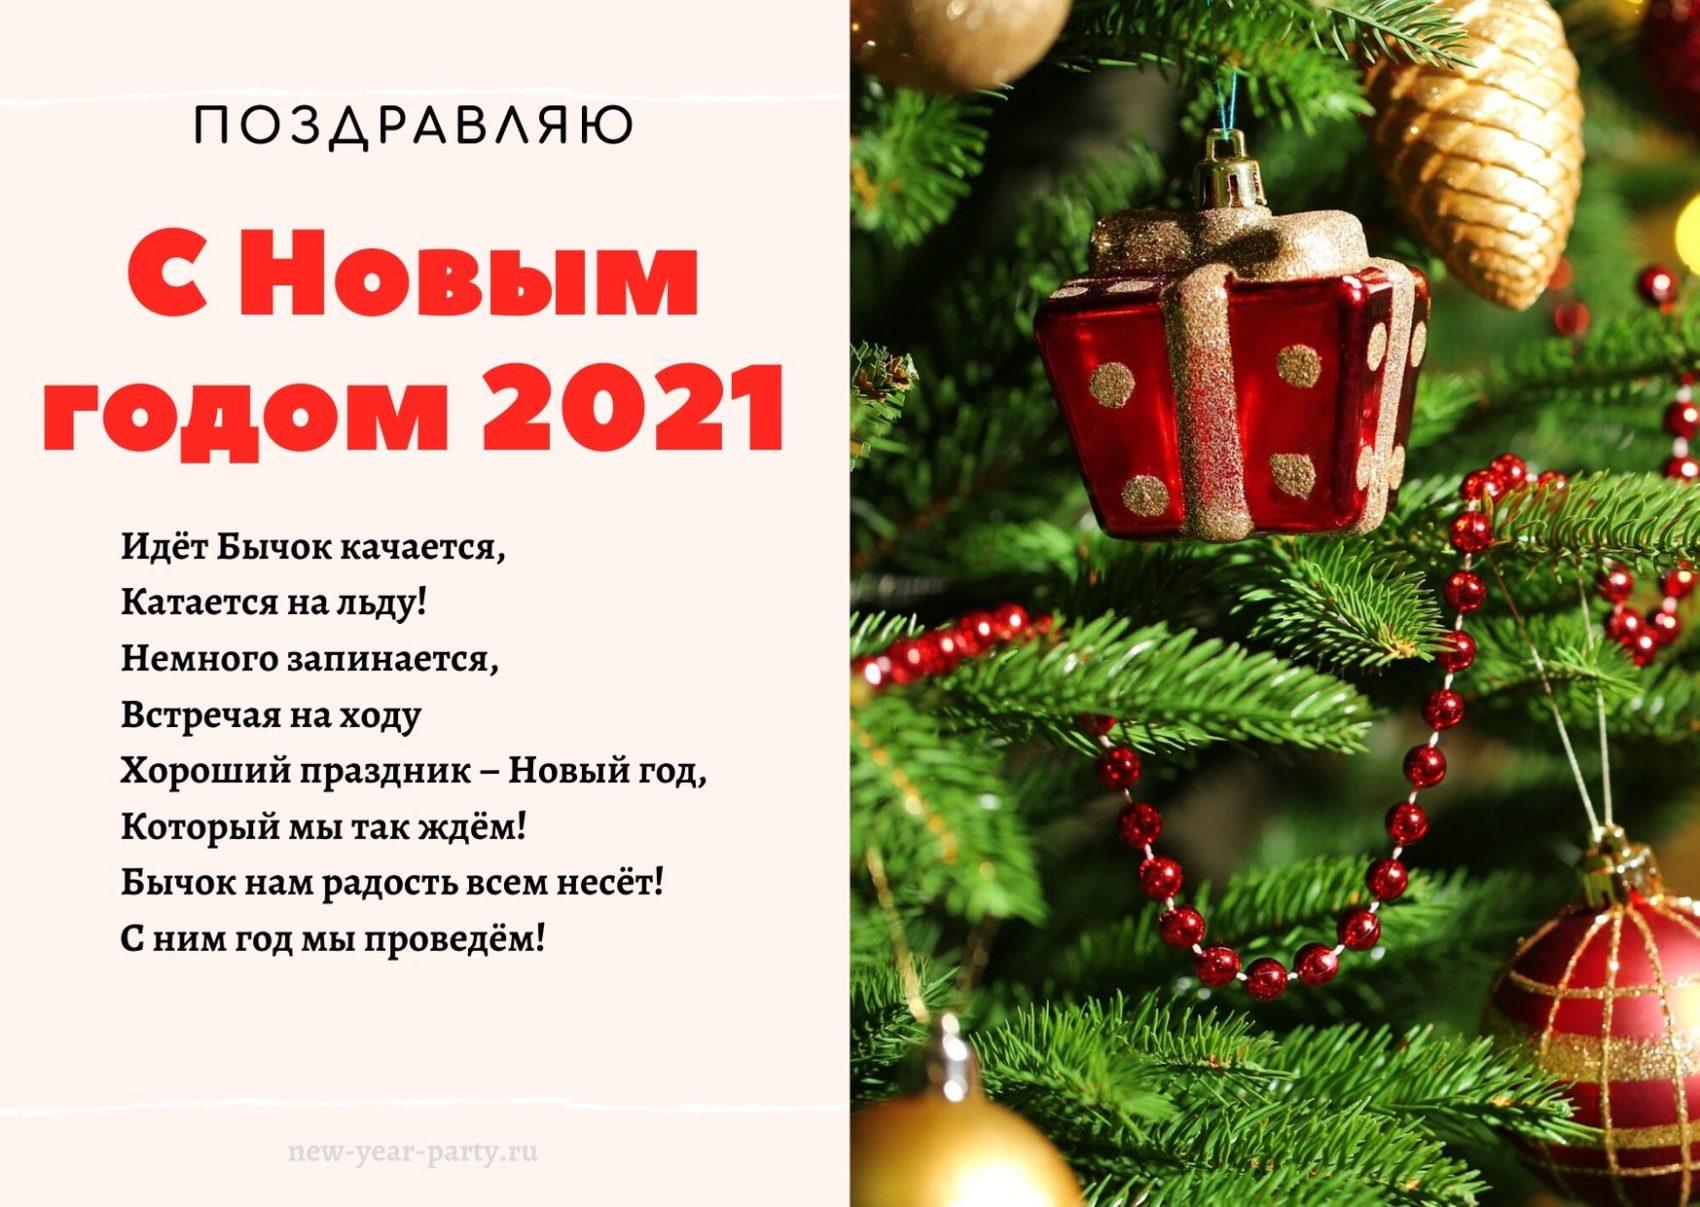 Веселые новогодние открытки с юмором